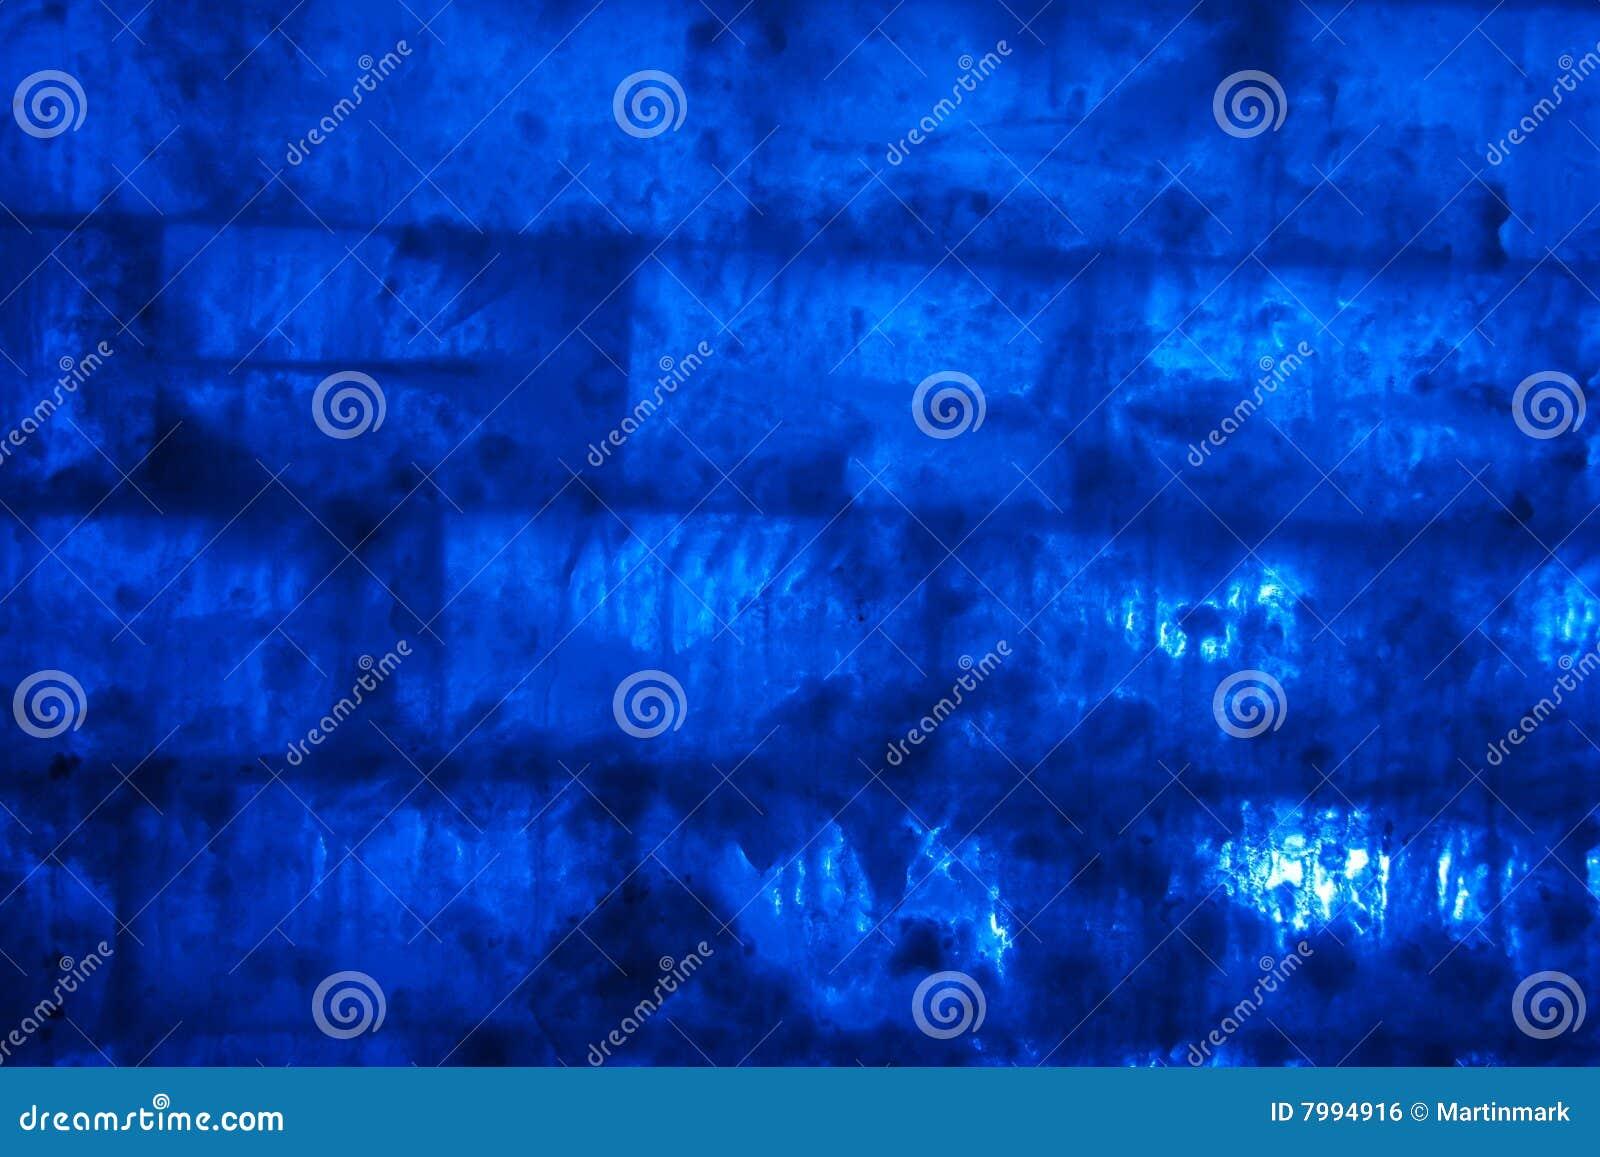 Tło cegły lodu błękitna ściana